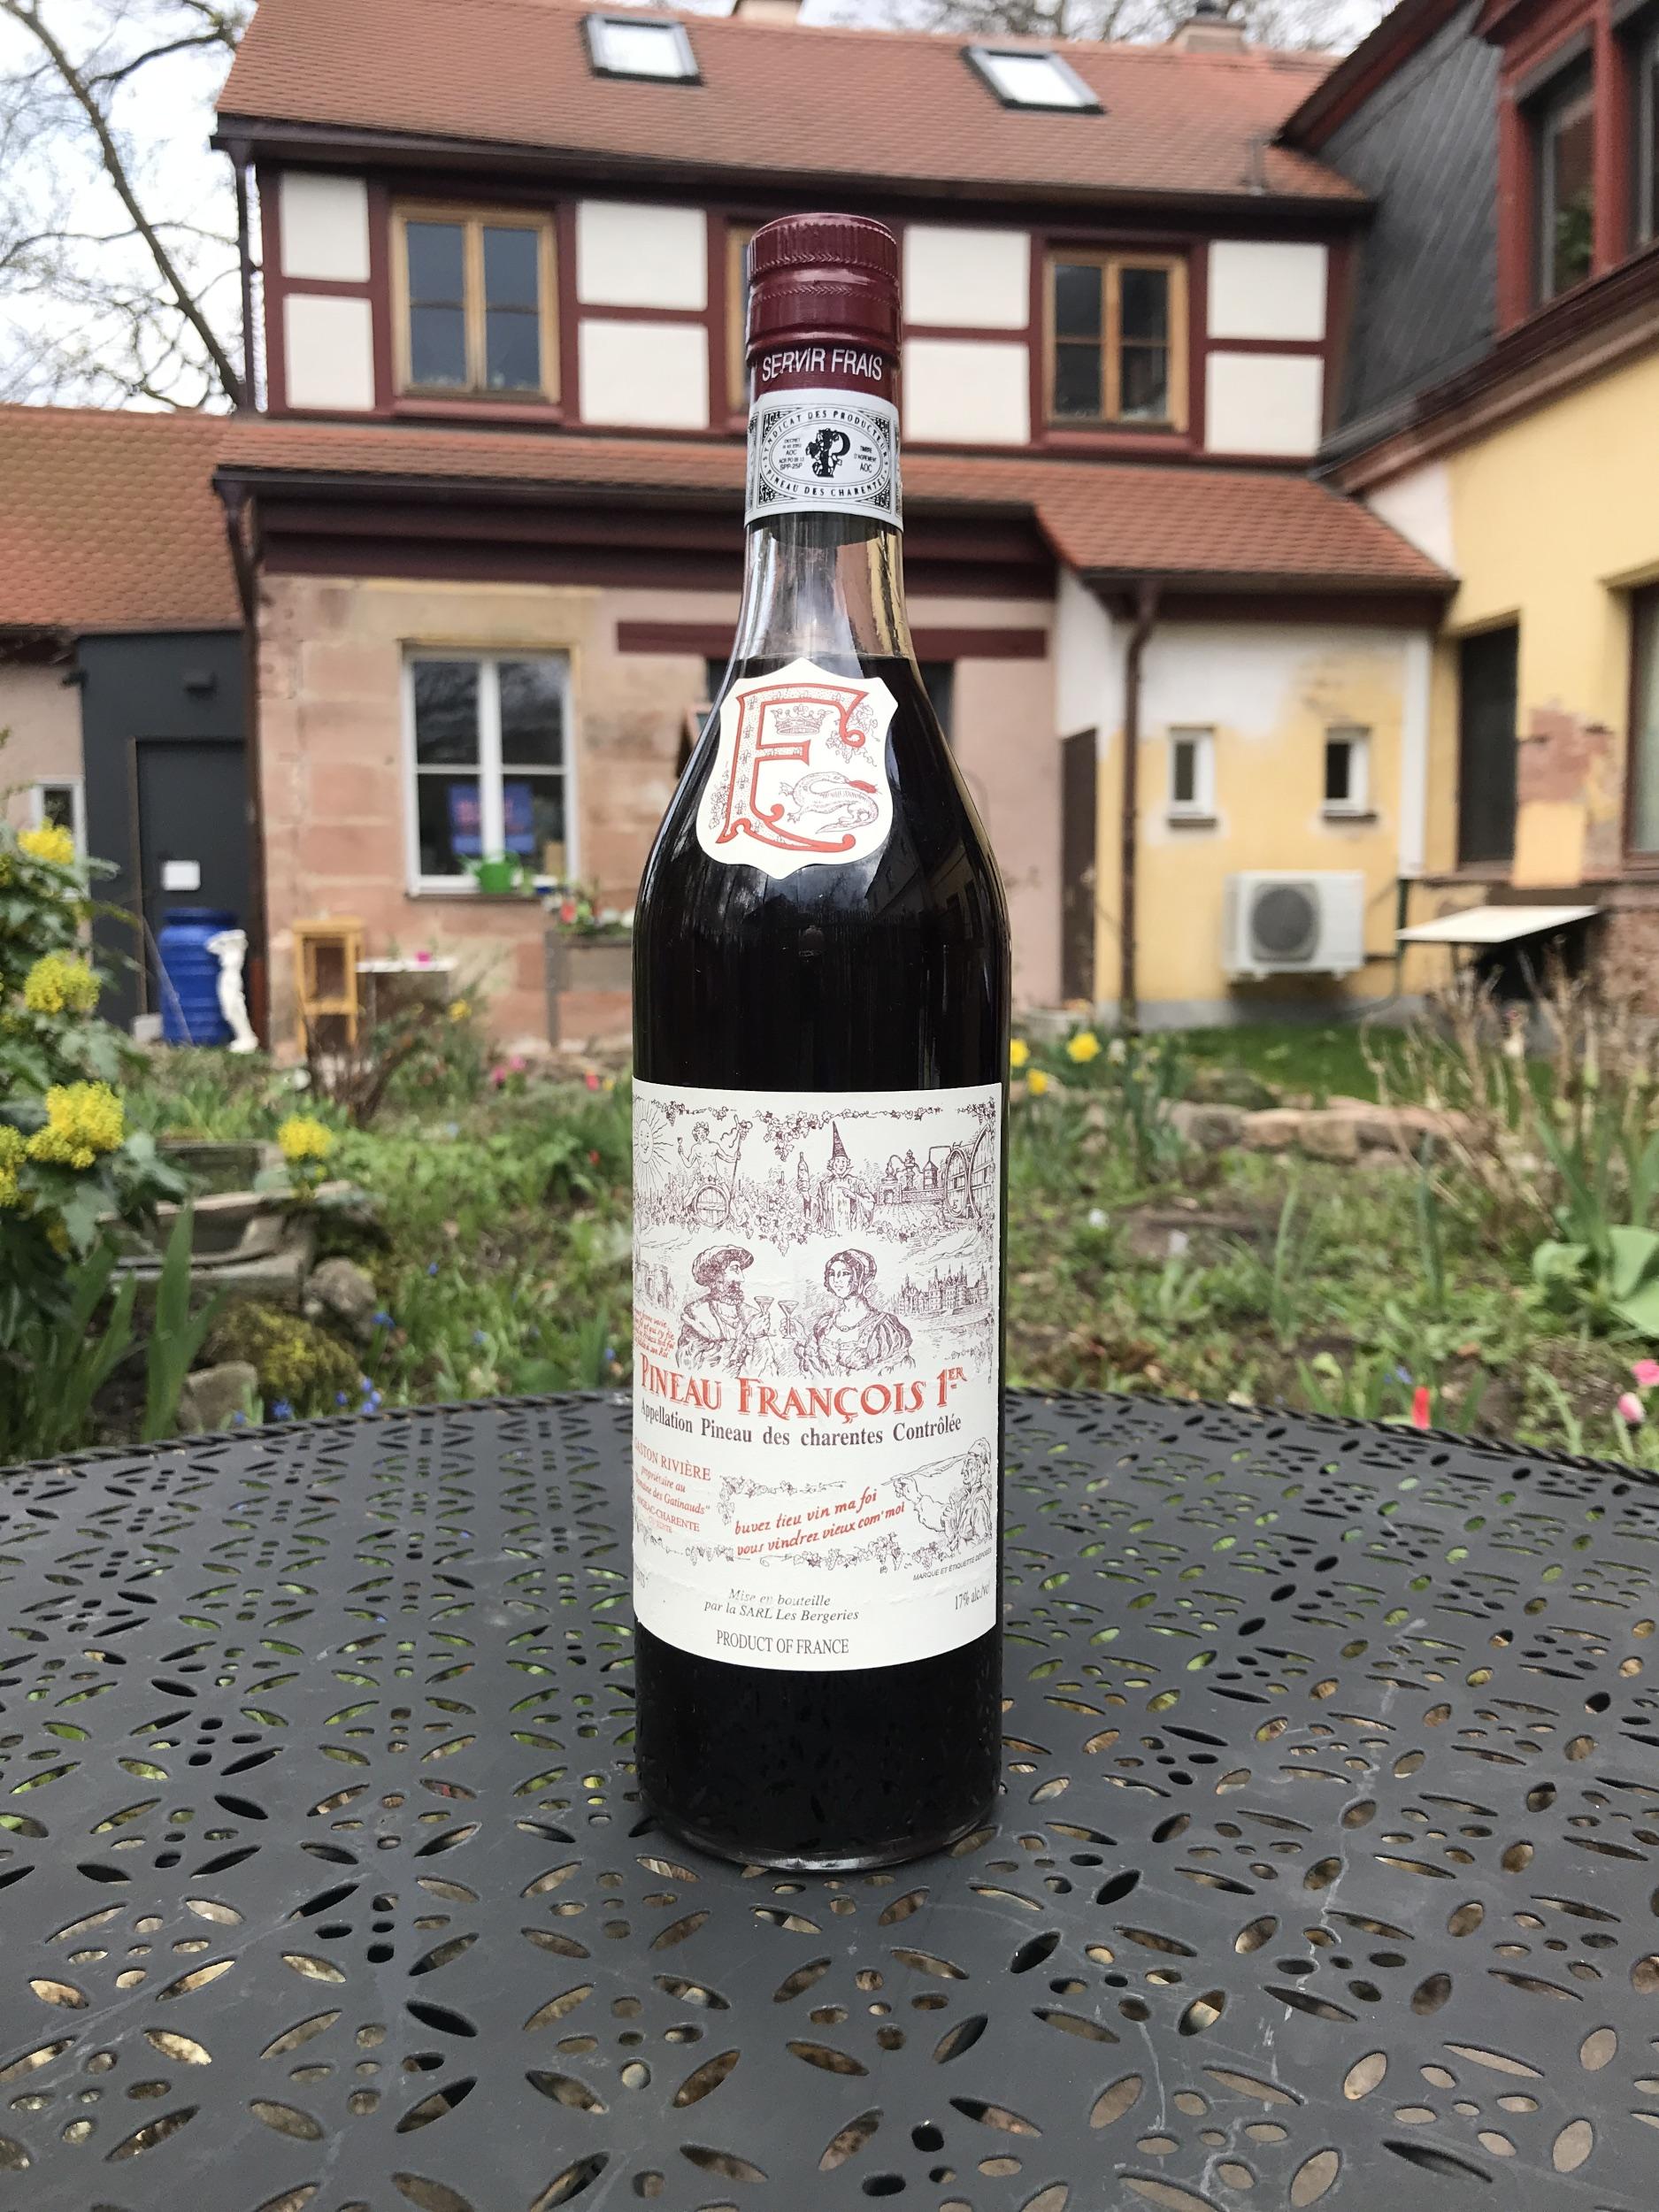 Was ist Pineau? Pineau ist eine Mischung aus 75% frischem Traubensaft (nicht vergoren) und 25% Cognac. Die Colombard-Trauben, die zu 80 % von 90 Jahre alten Rebstöcken stammen, sind an Hängen mit Blick auf die Charente (Landschaft in Frankreich um die Stadt Cognac herum gelegen) gepflanzt und profitieren von einer idealen Lage. Der von französischen und ausländischen Kennern geschätzte Pineau François 1er wurde erstmals im Februar 1934 vermarktet.